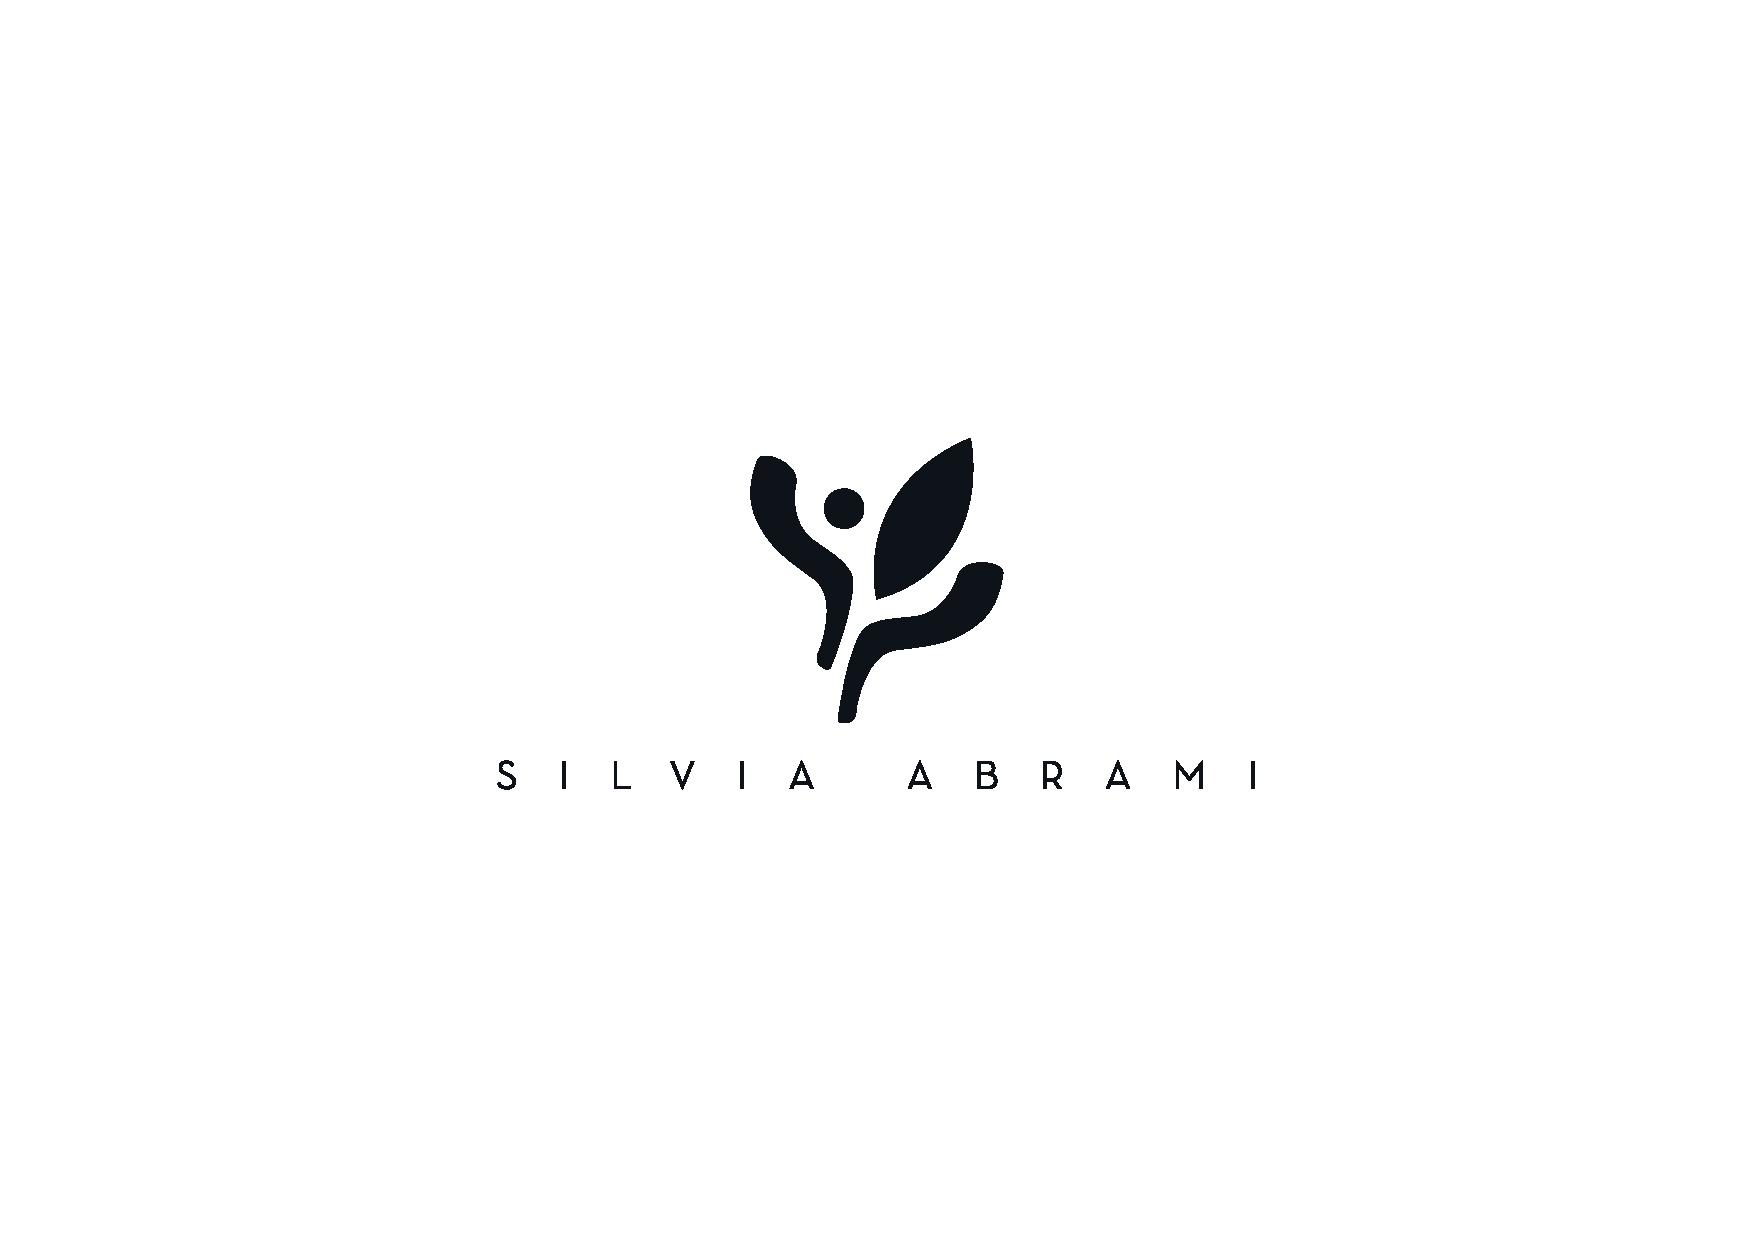 SilviaAbrami-03